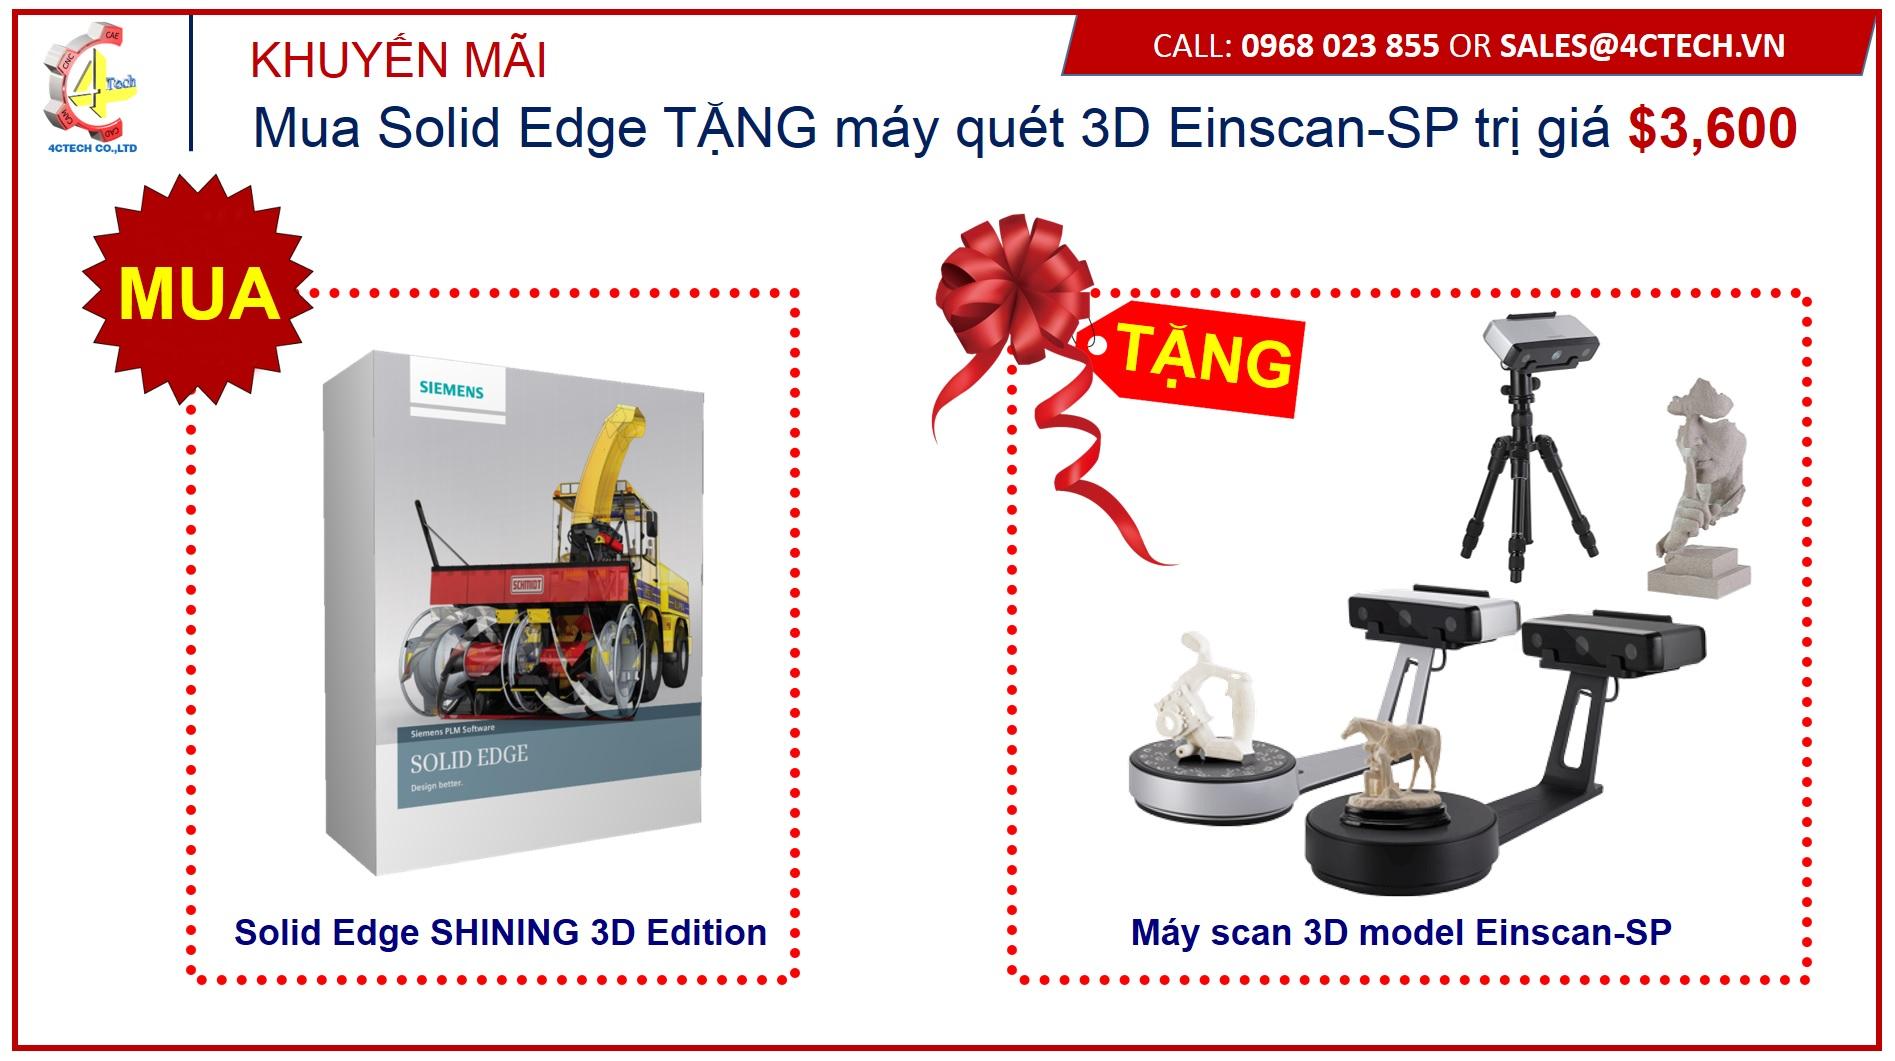 khuyen mai solid edge scan 3D